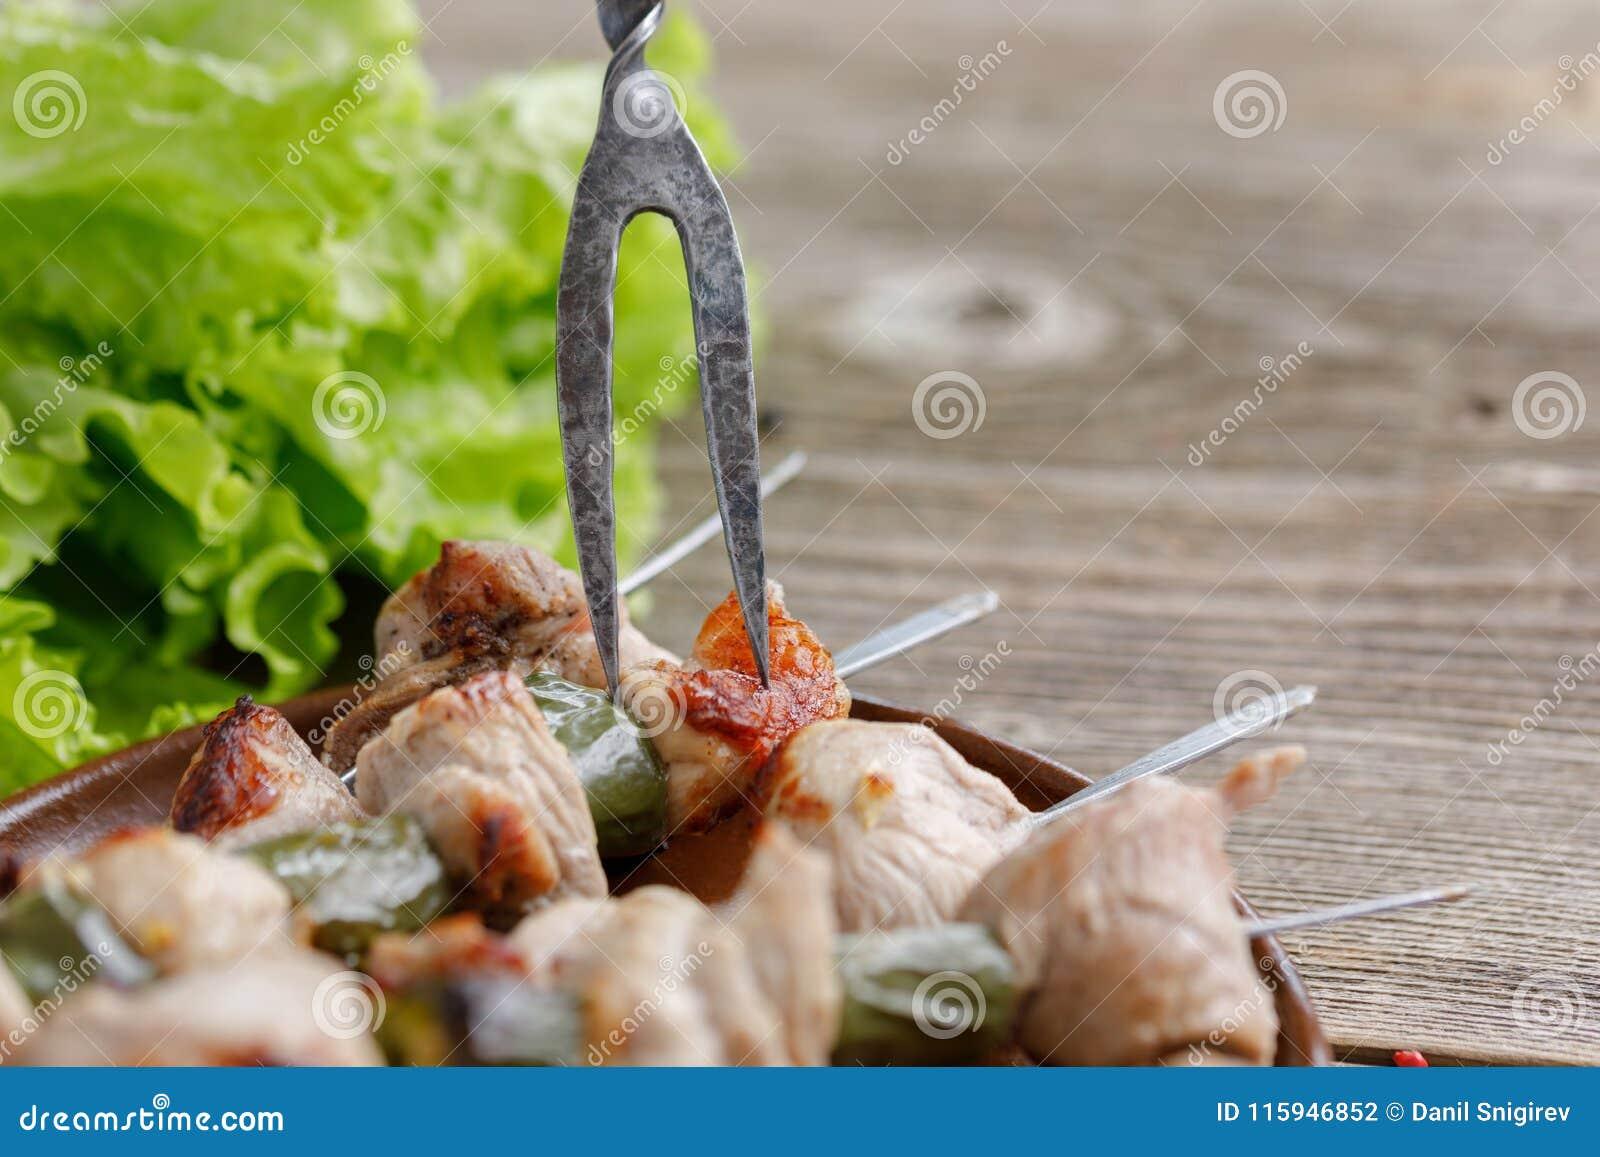 Os no espeto delicados da carne de porco cozinhados em um fogo aberto com uma forquilha excelente colaram neles ainda vida em um